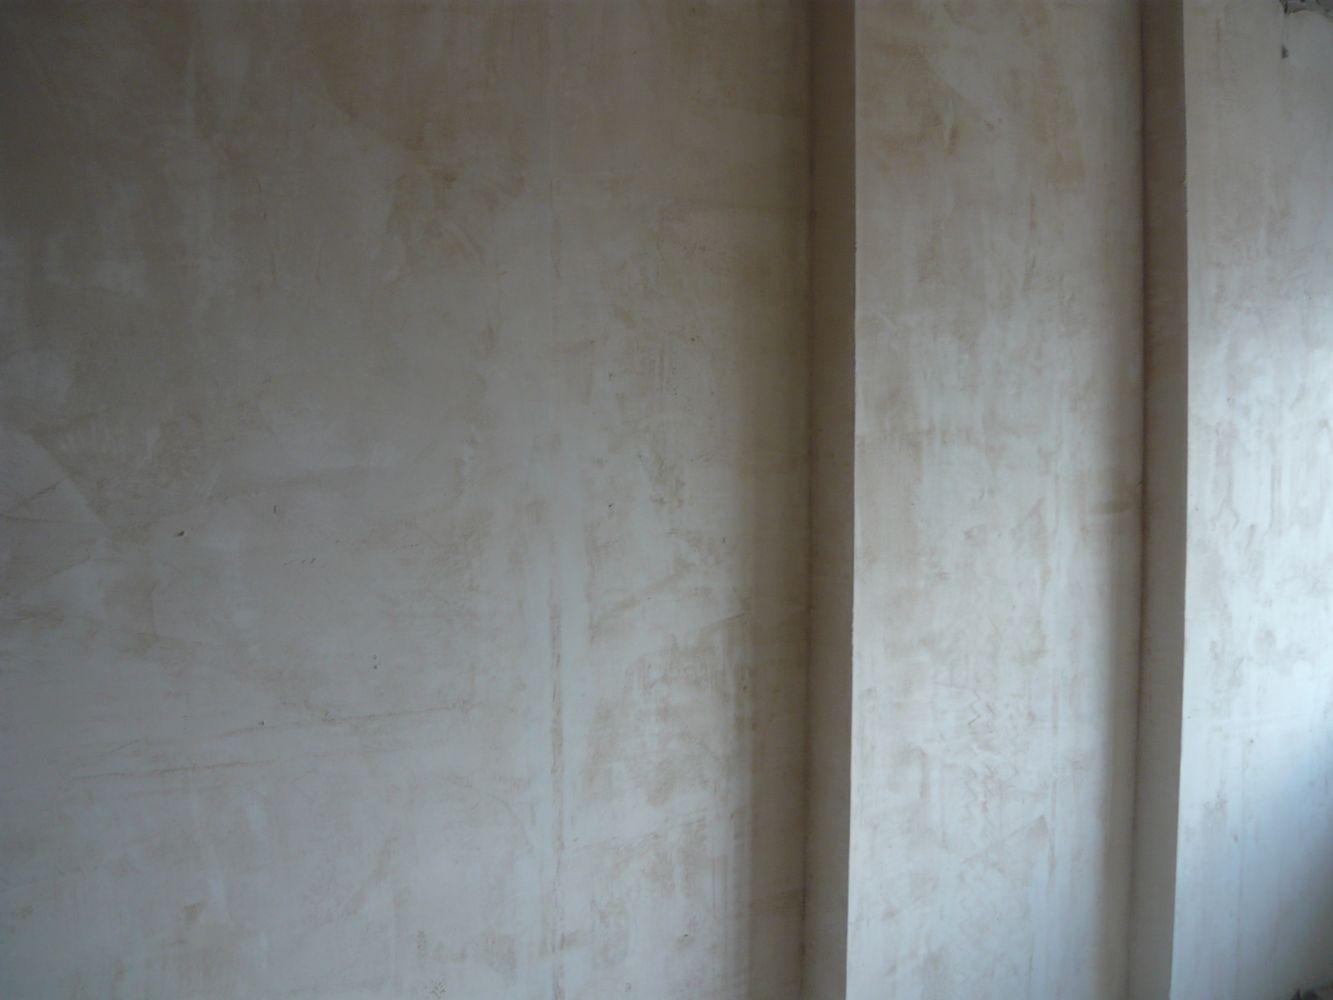 Для получения ровных стен можно оштукатурить их по маякам